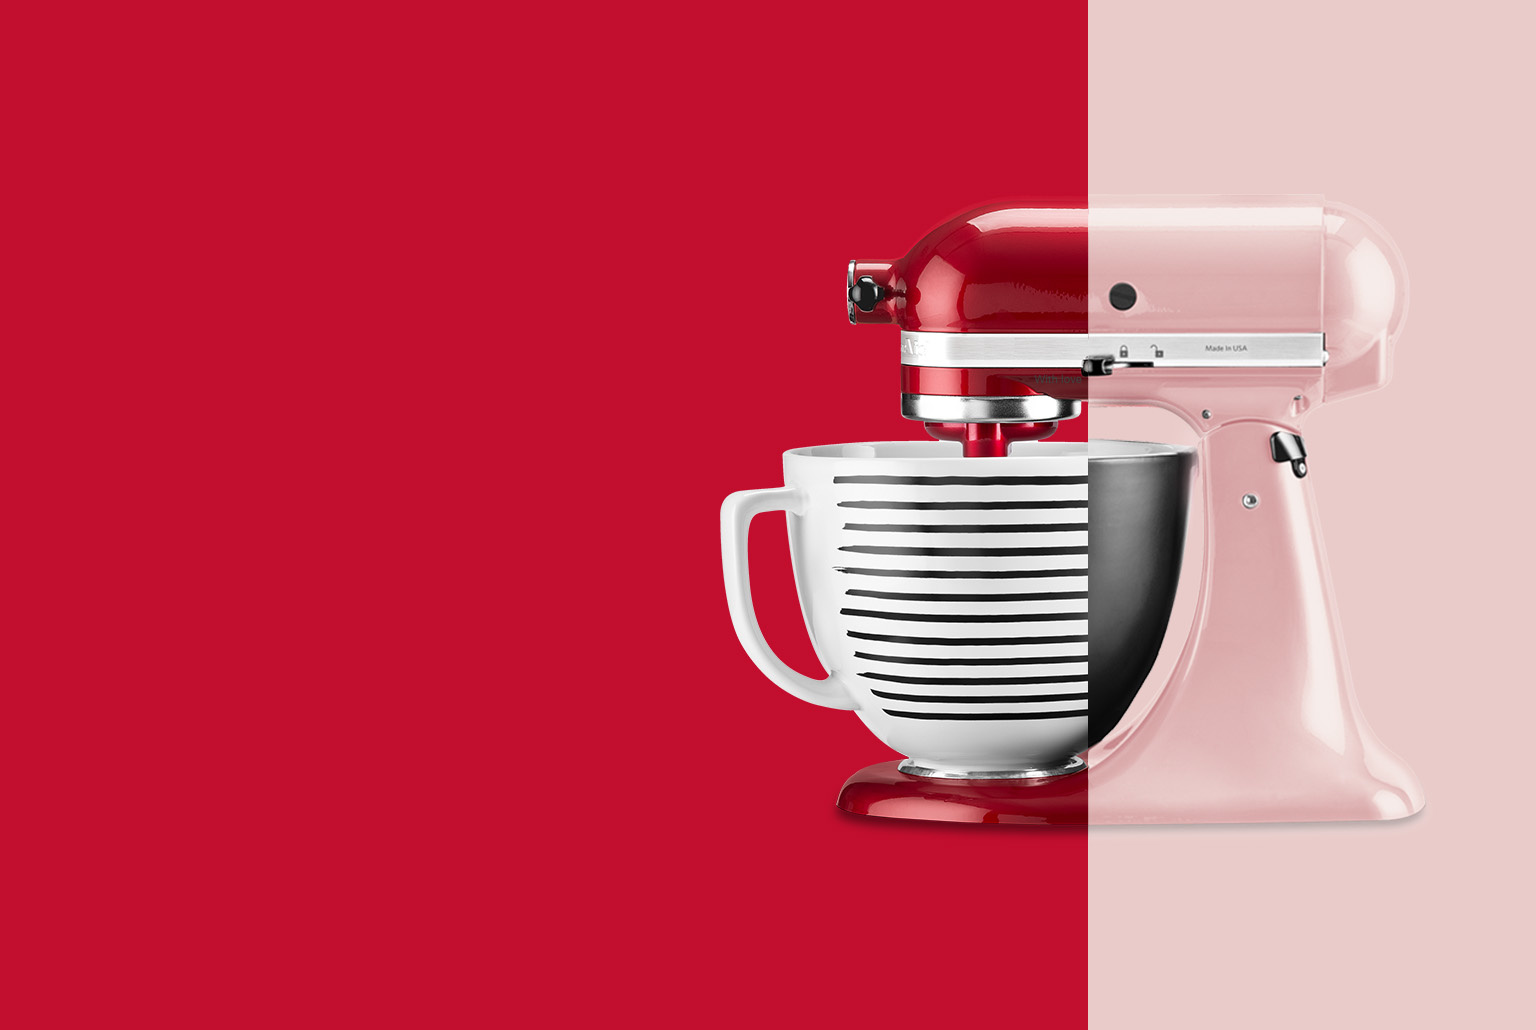 Ziemlich Welche Farbe Küchengeräte Sind In Der Art 2015 Galerie ...